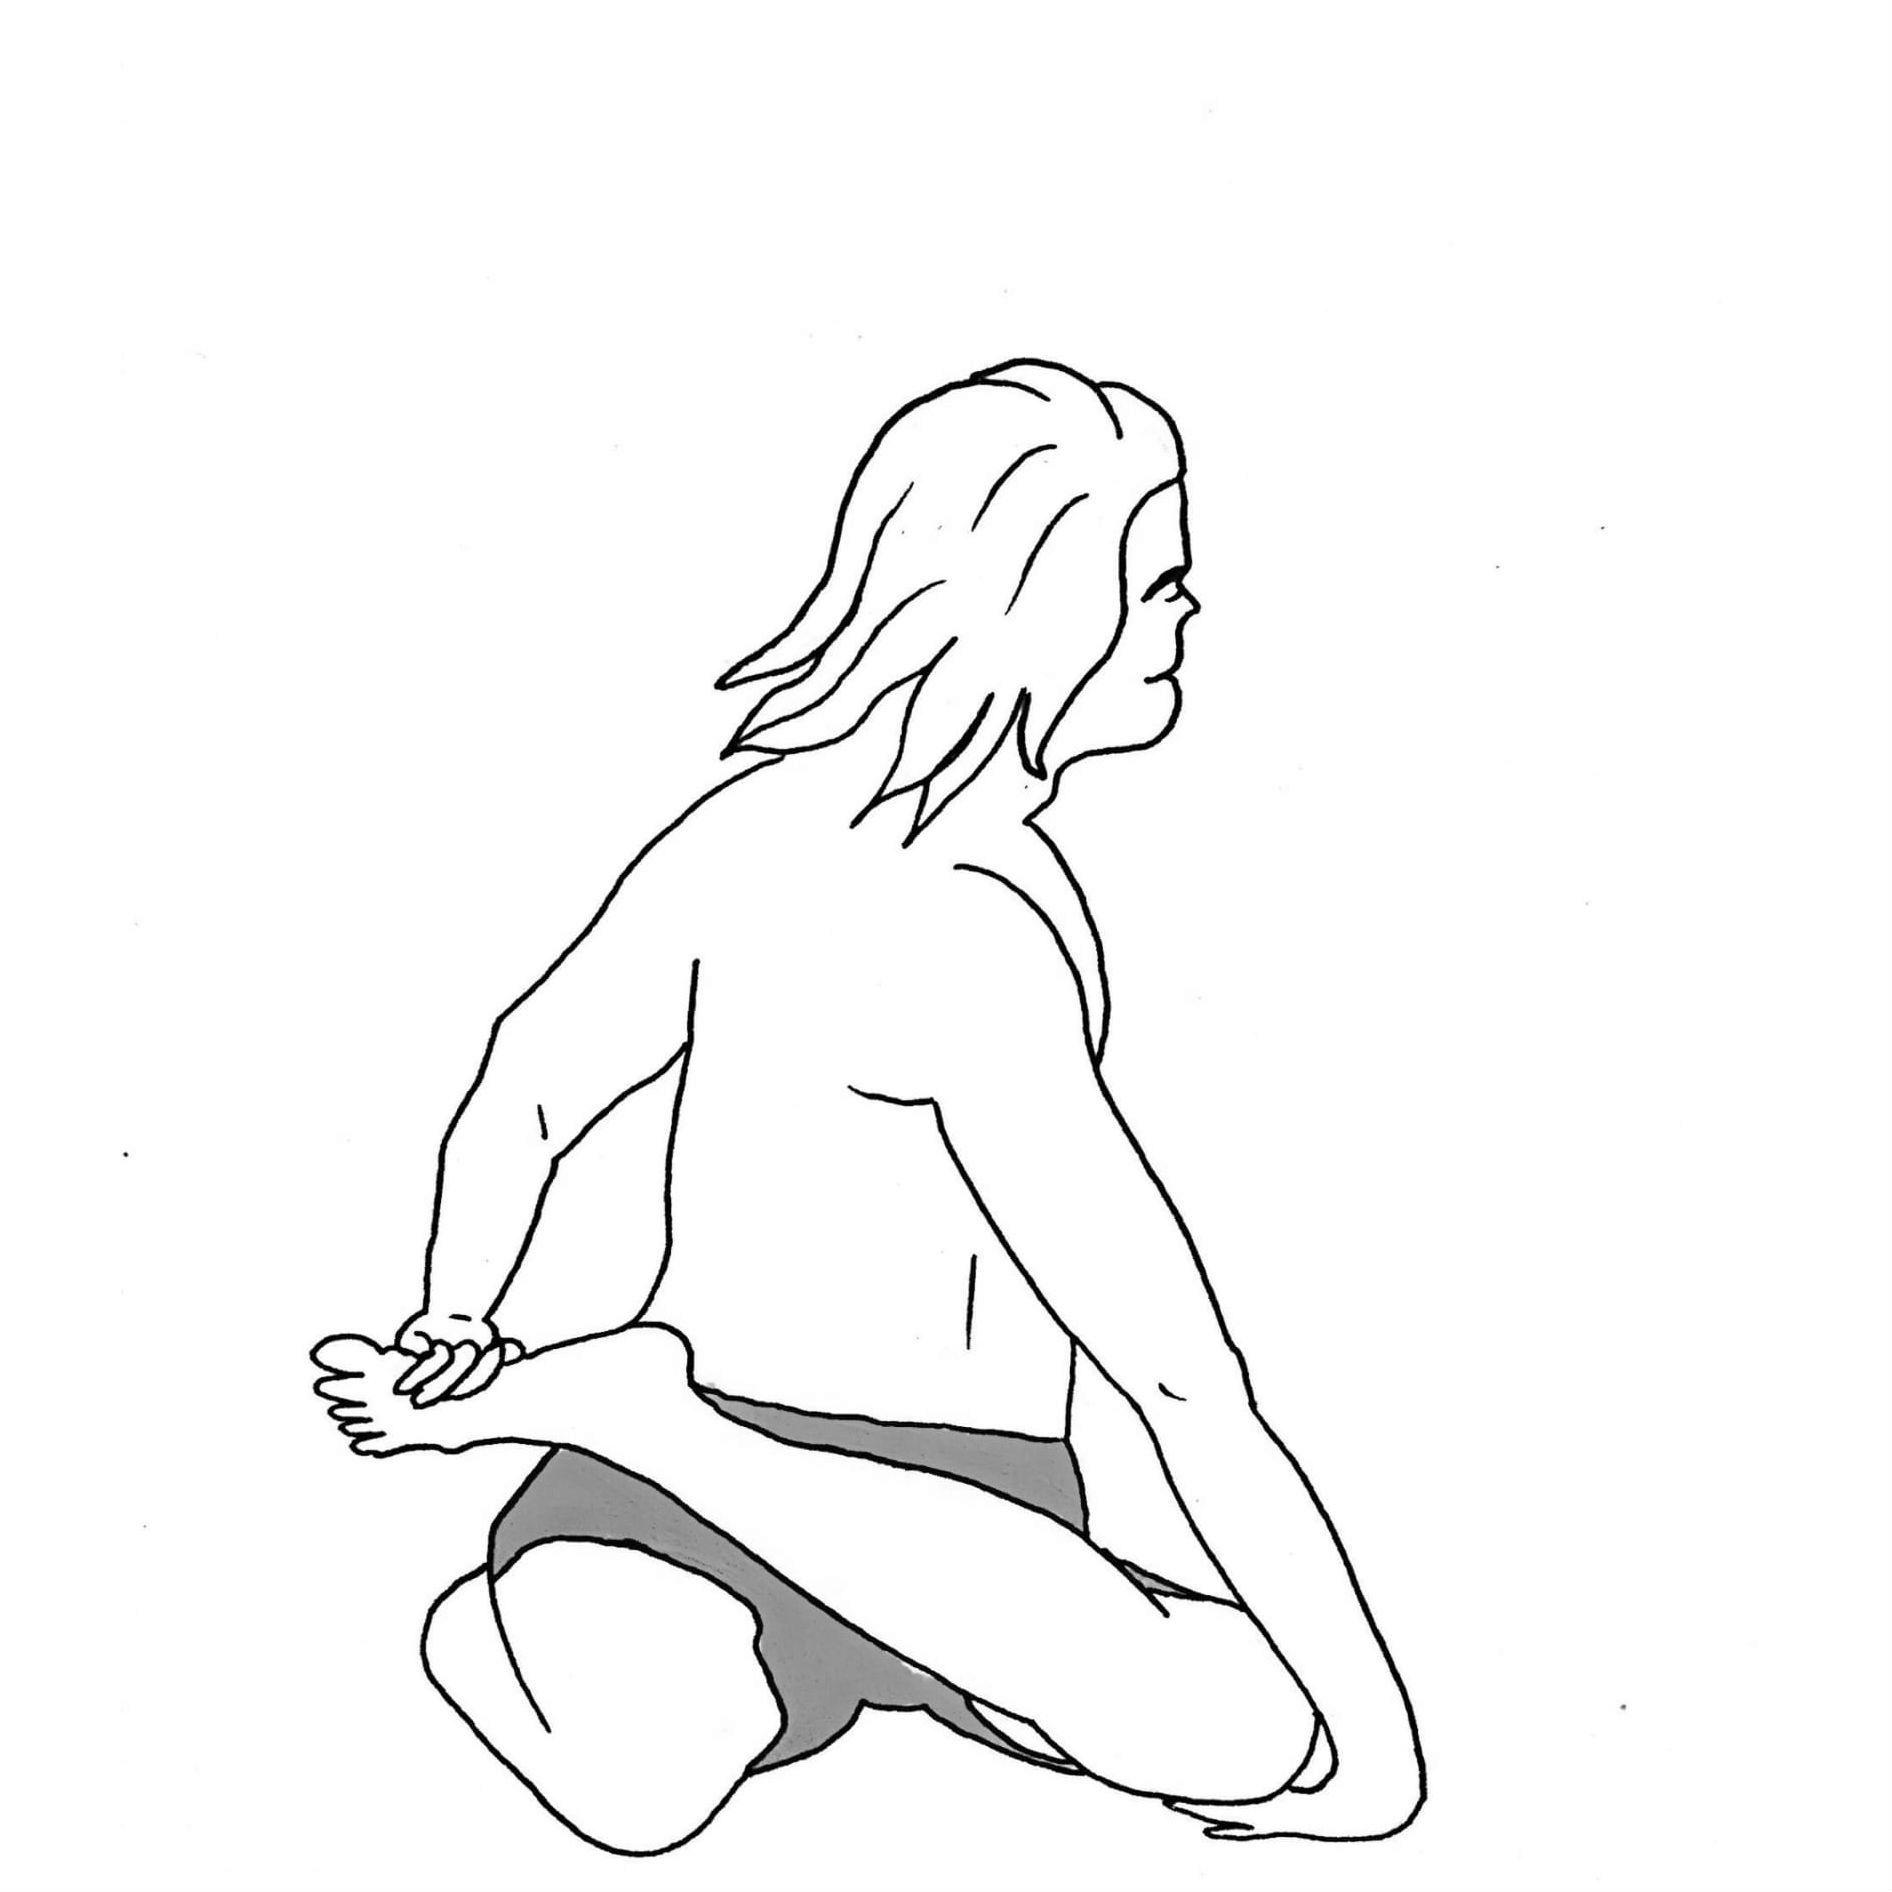 Bharadvajas Twist - Bharadvaja 1